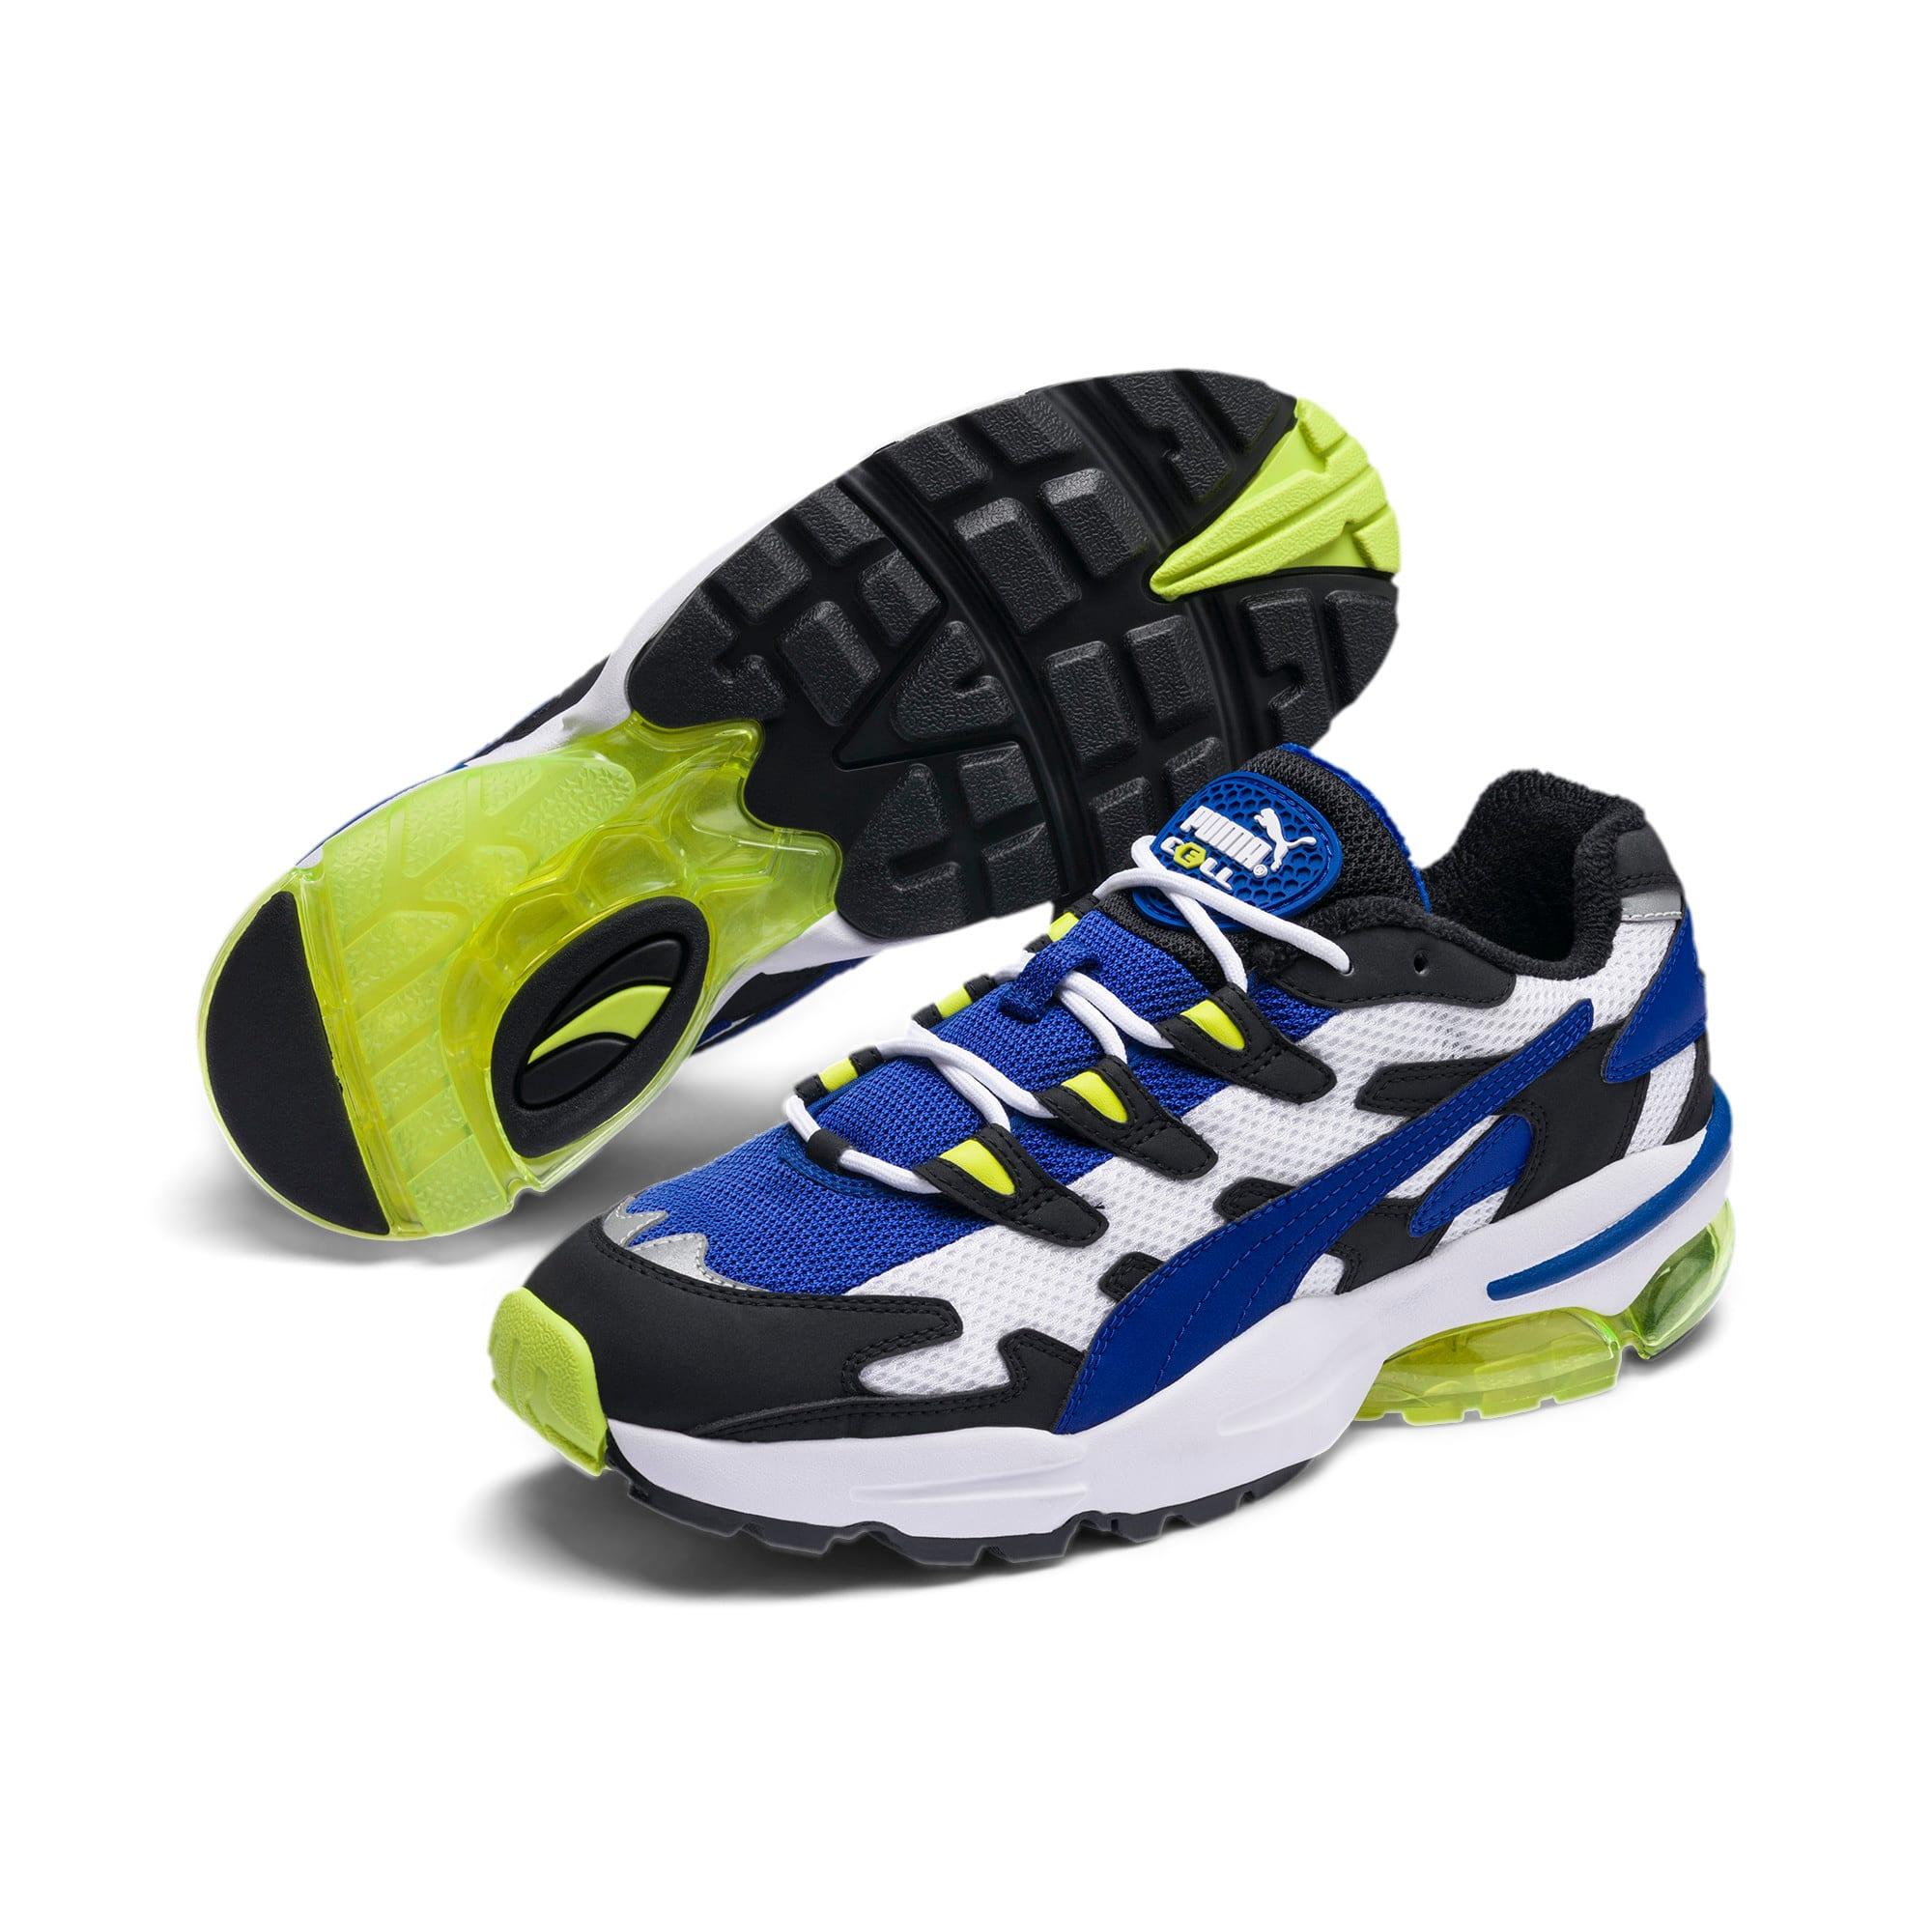 Miniatura 3 de Zapatos deportivos CELL Alien OG, Puma Black-Surf The Web, mediano